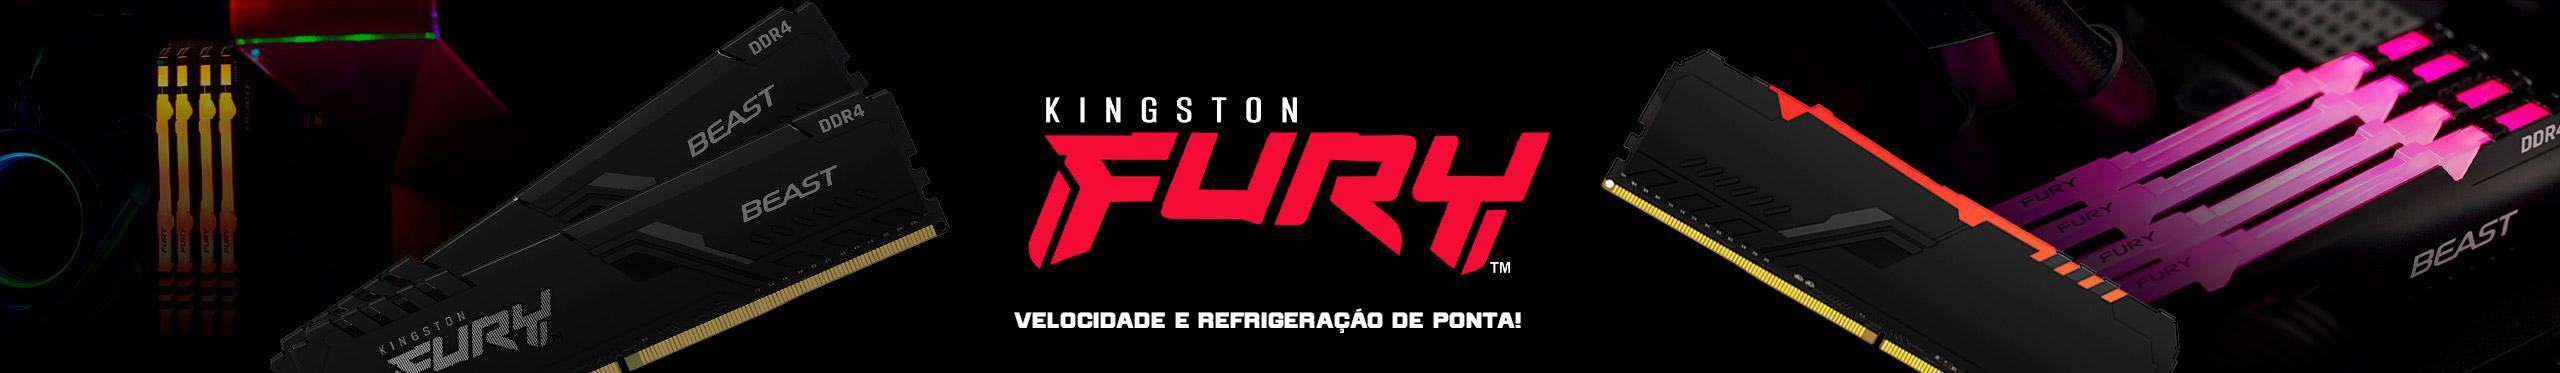 Velocidade e refrigeração de ponta é só com as Memórias Fury Beast RGB da Kingston!